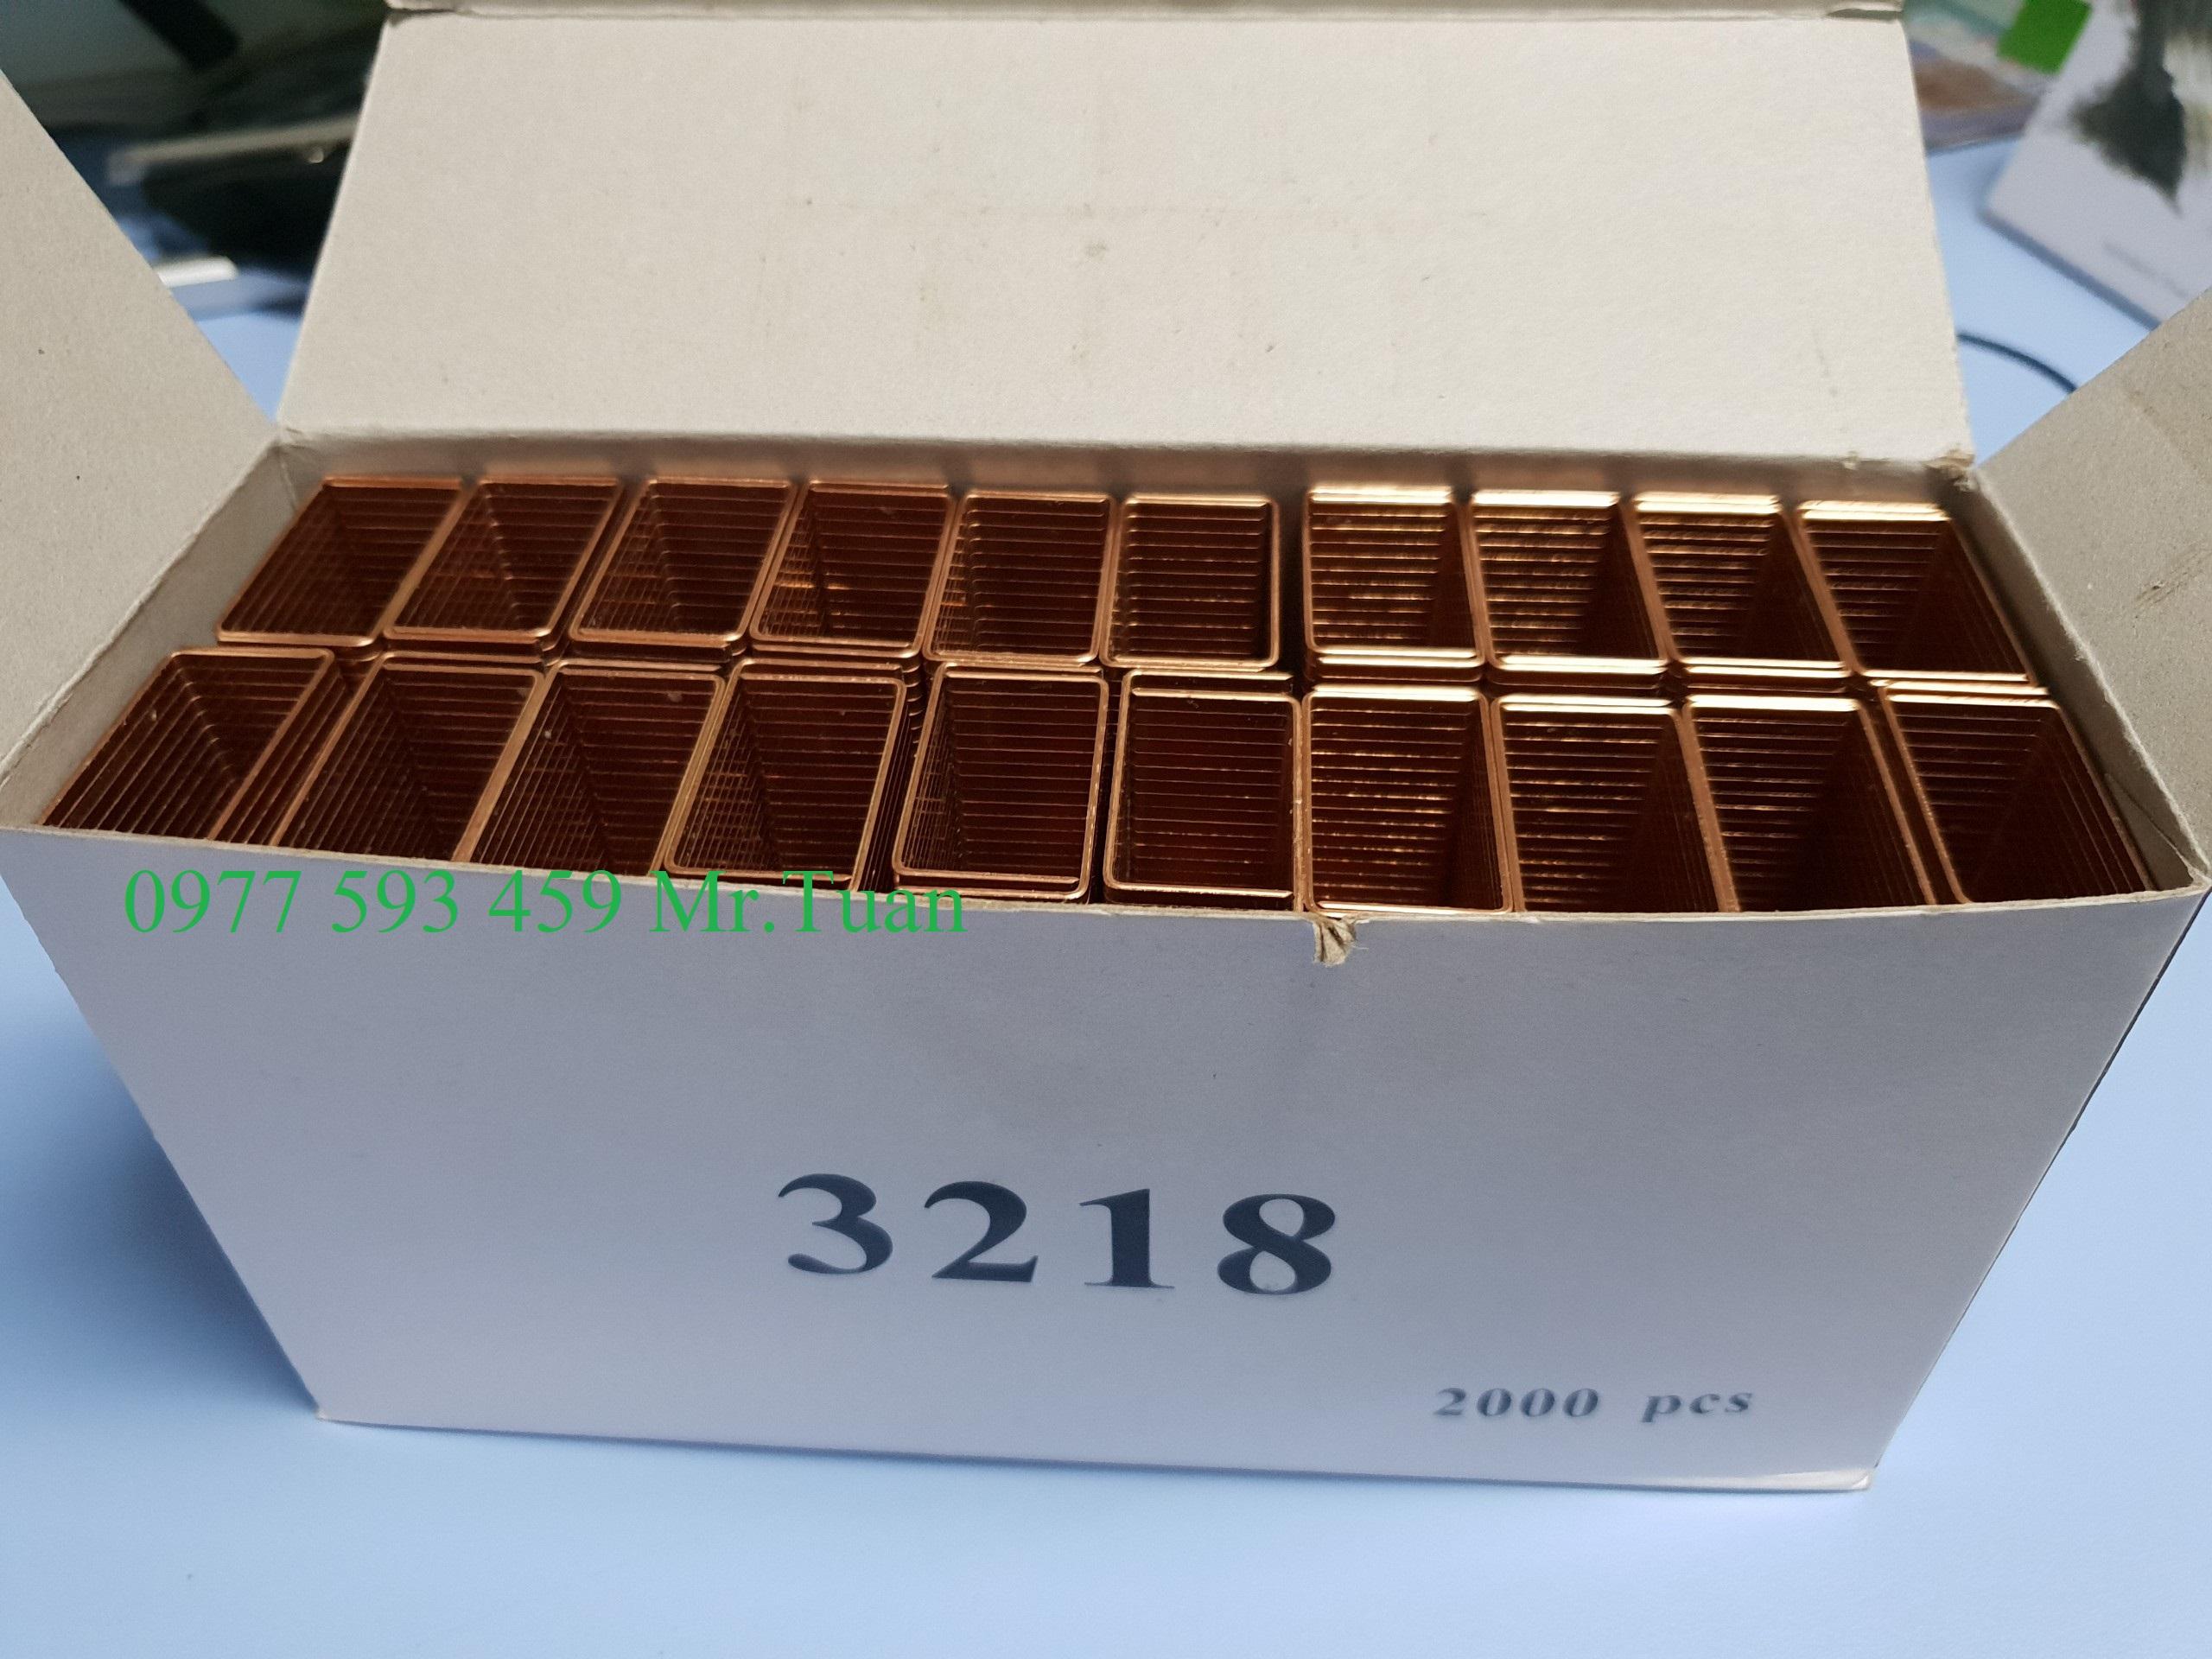 Kim đinh ghim bấm thùng carton U3218 U3518 (0977 593 459)